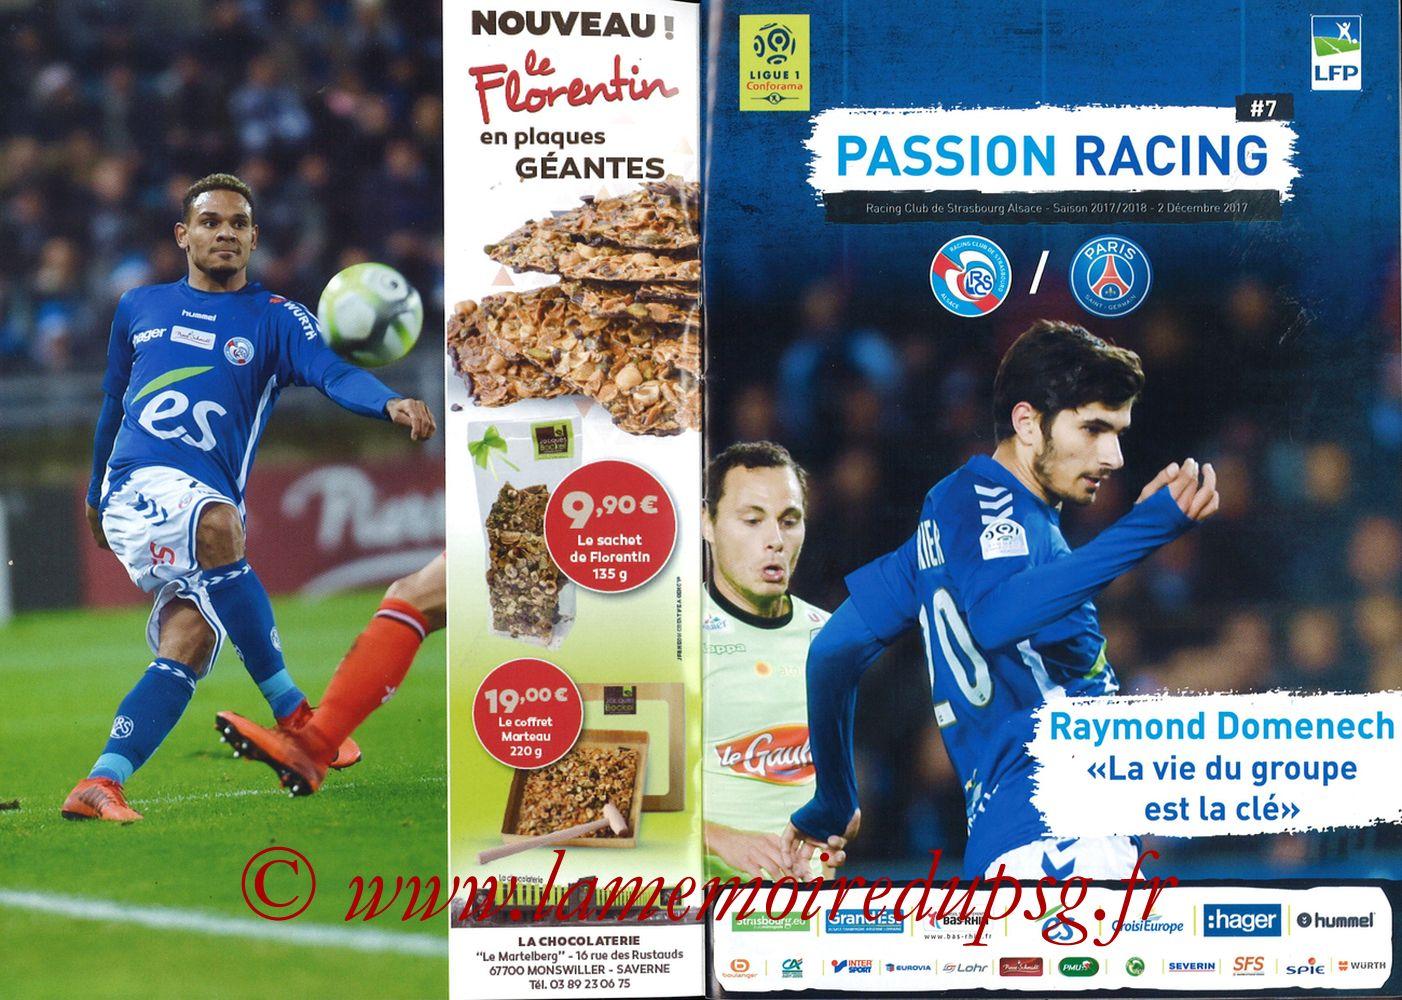 2017-12-02  Strasbourg-PSG (16ème L1, Passion Racing N°7) - Pages 02 et 03